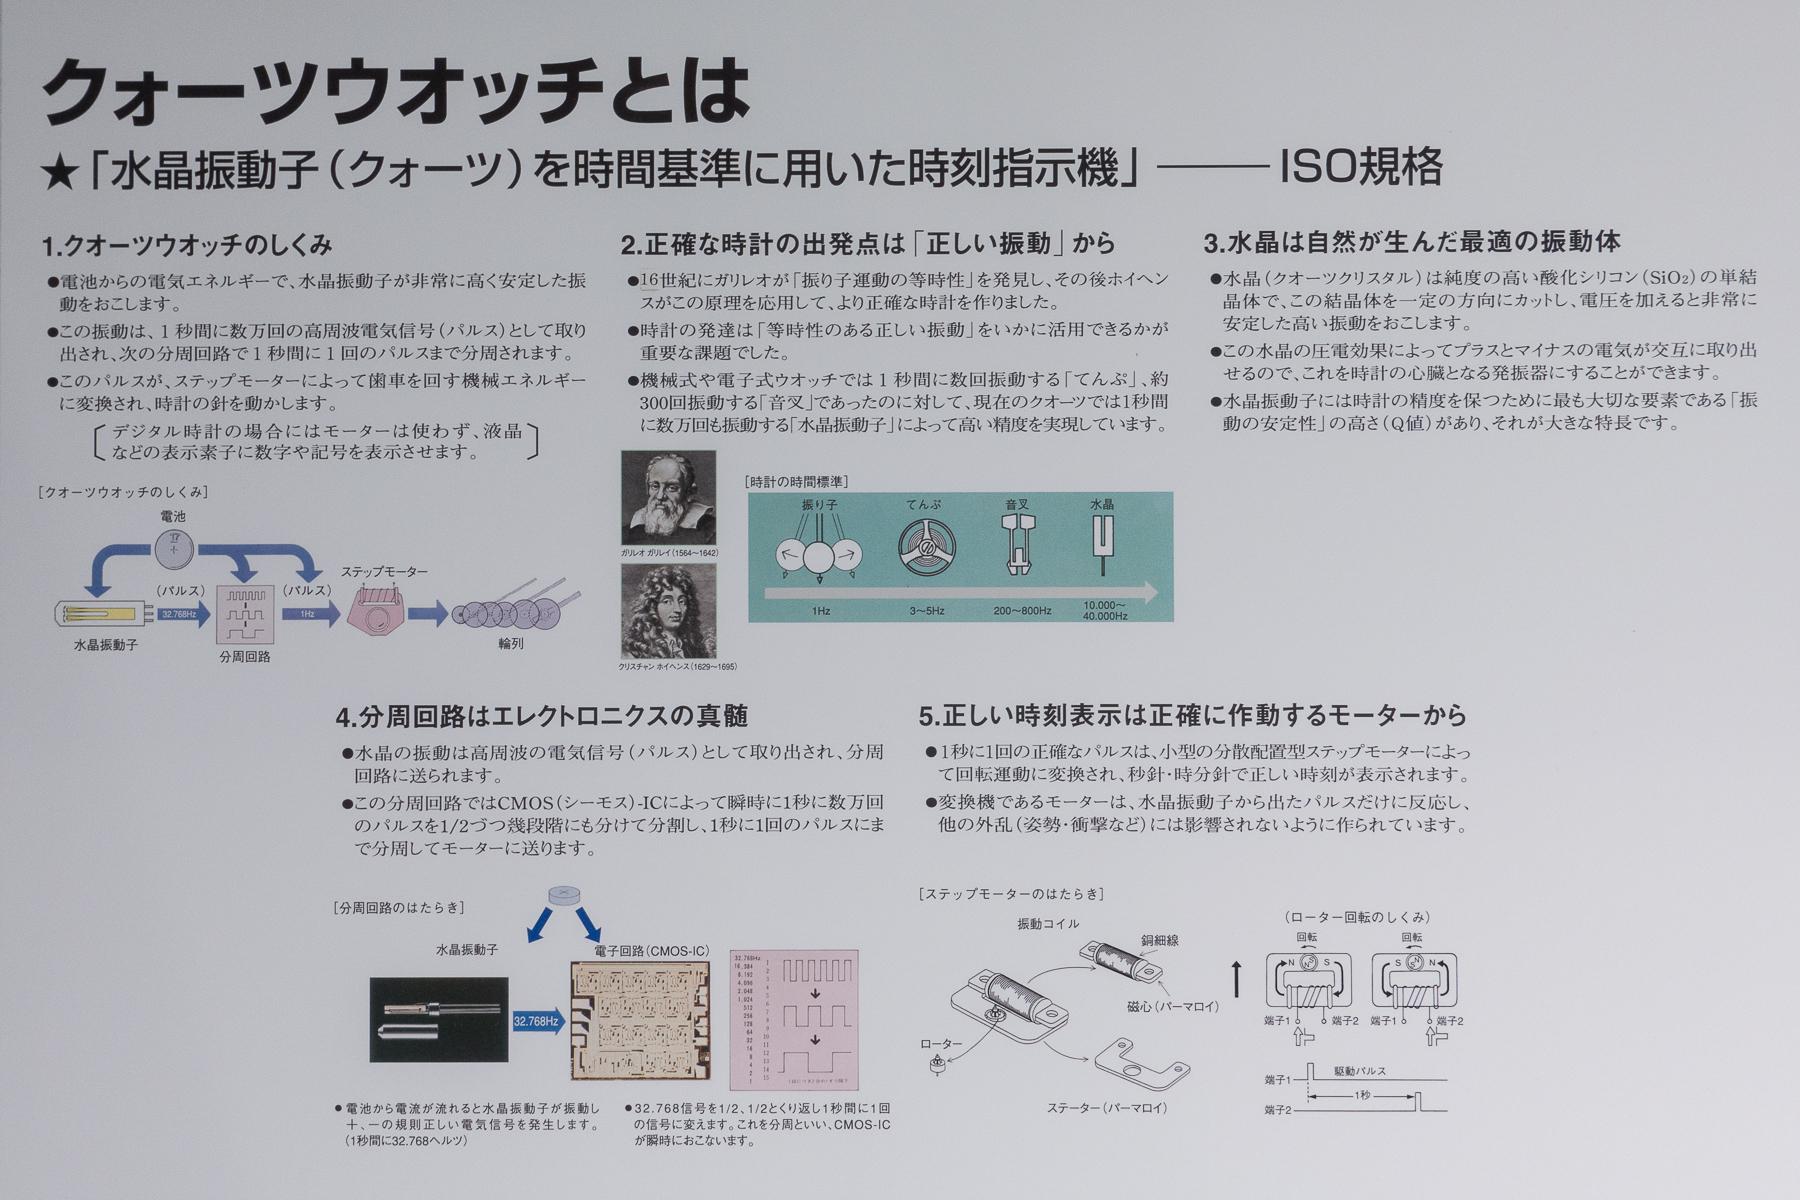 Quartz Watch Technology